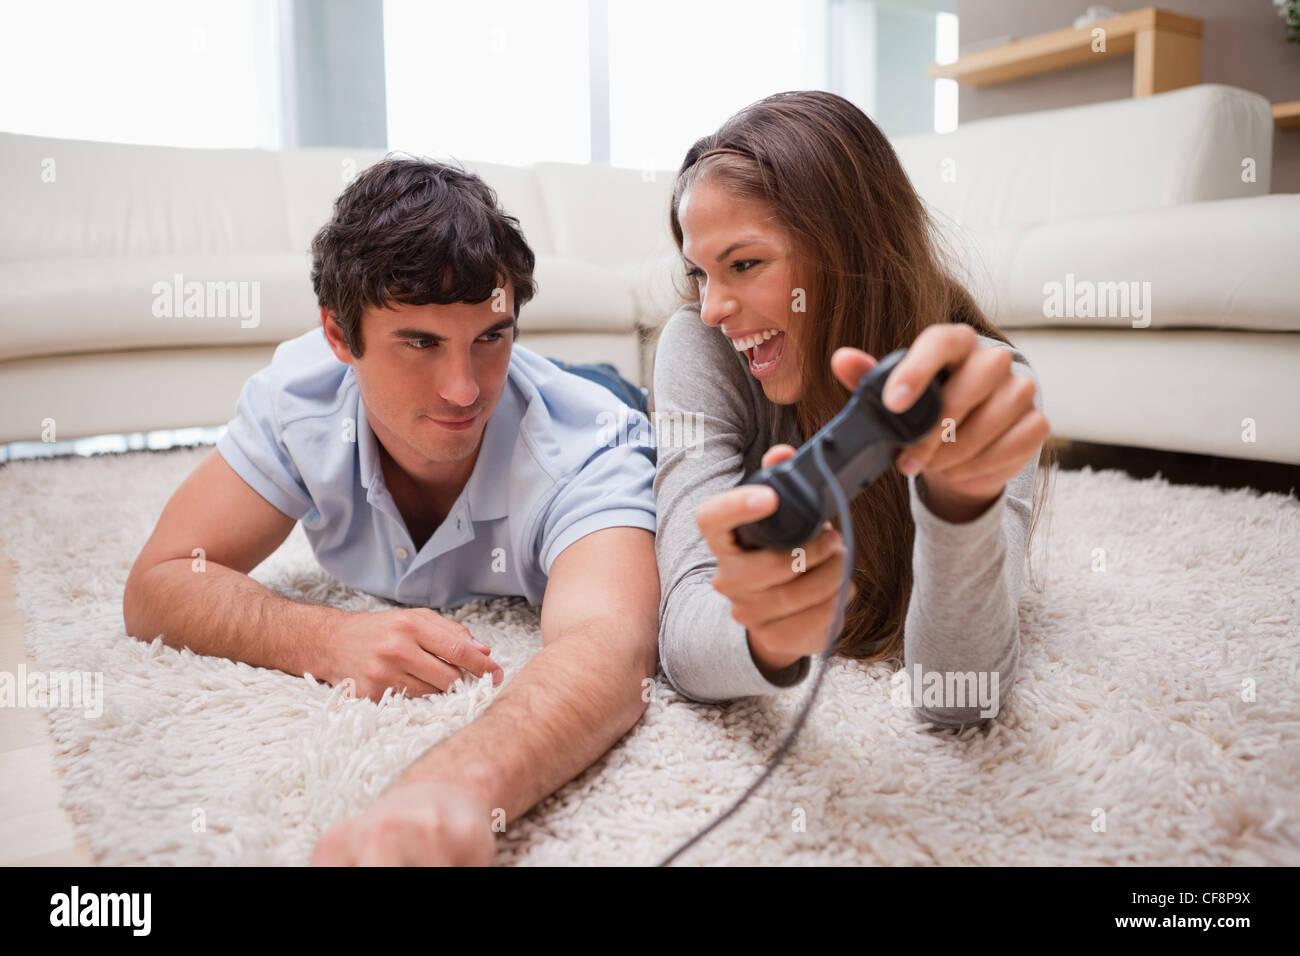 La donna appena sconfitto il suo ragazzo in un video gioco Immagini Stock